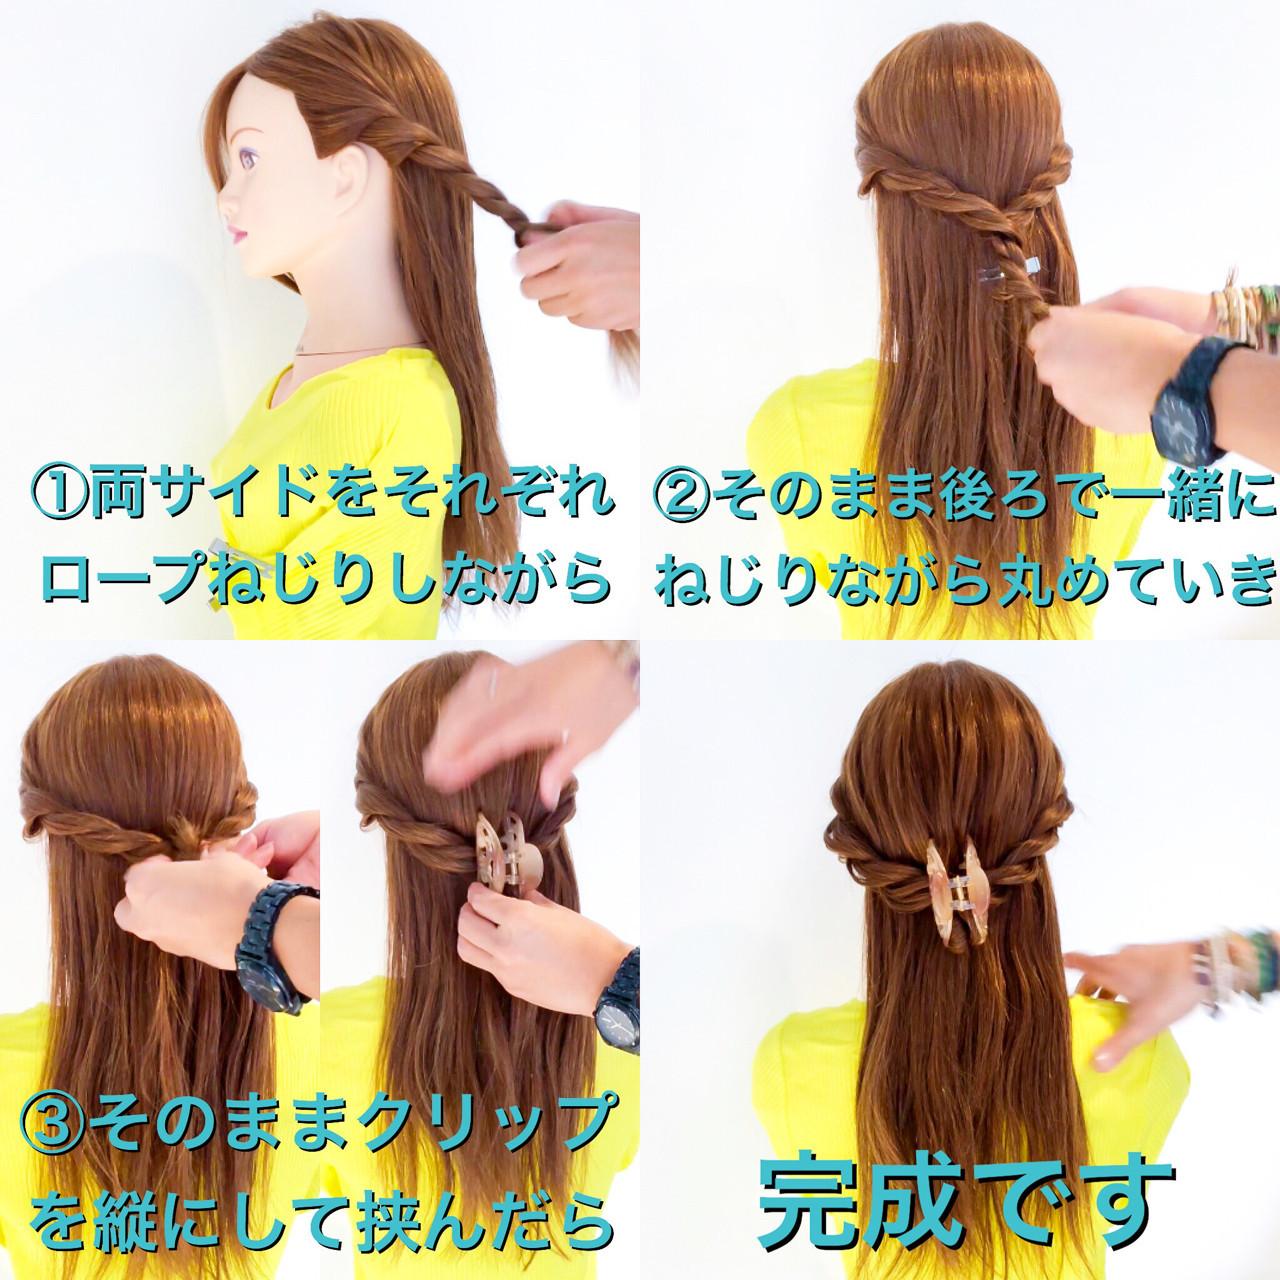 髪量多い人におすすめ☆クリップ×ねじりハーフアップ 美容師 HIRO